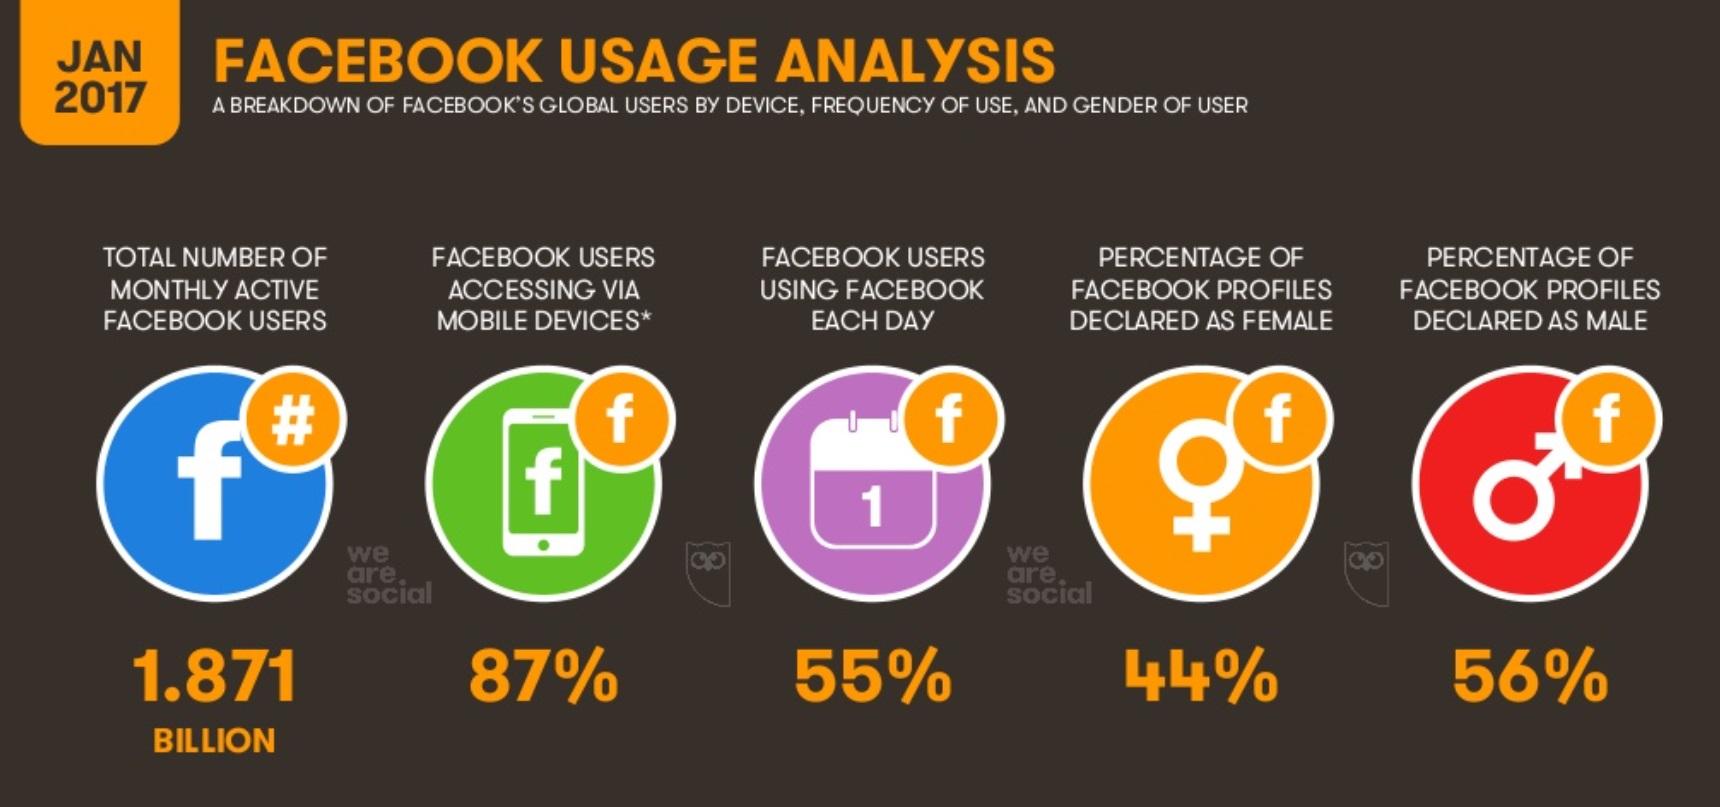 Facebook reina en redes sociales: análisis de uso